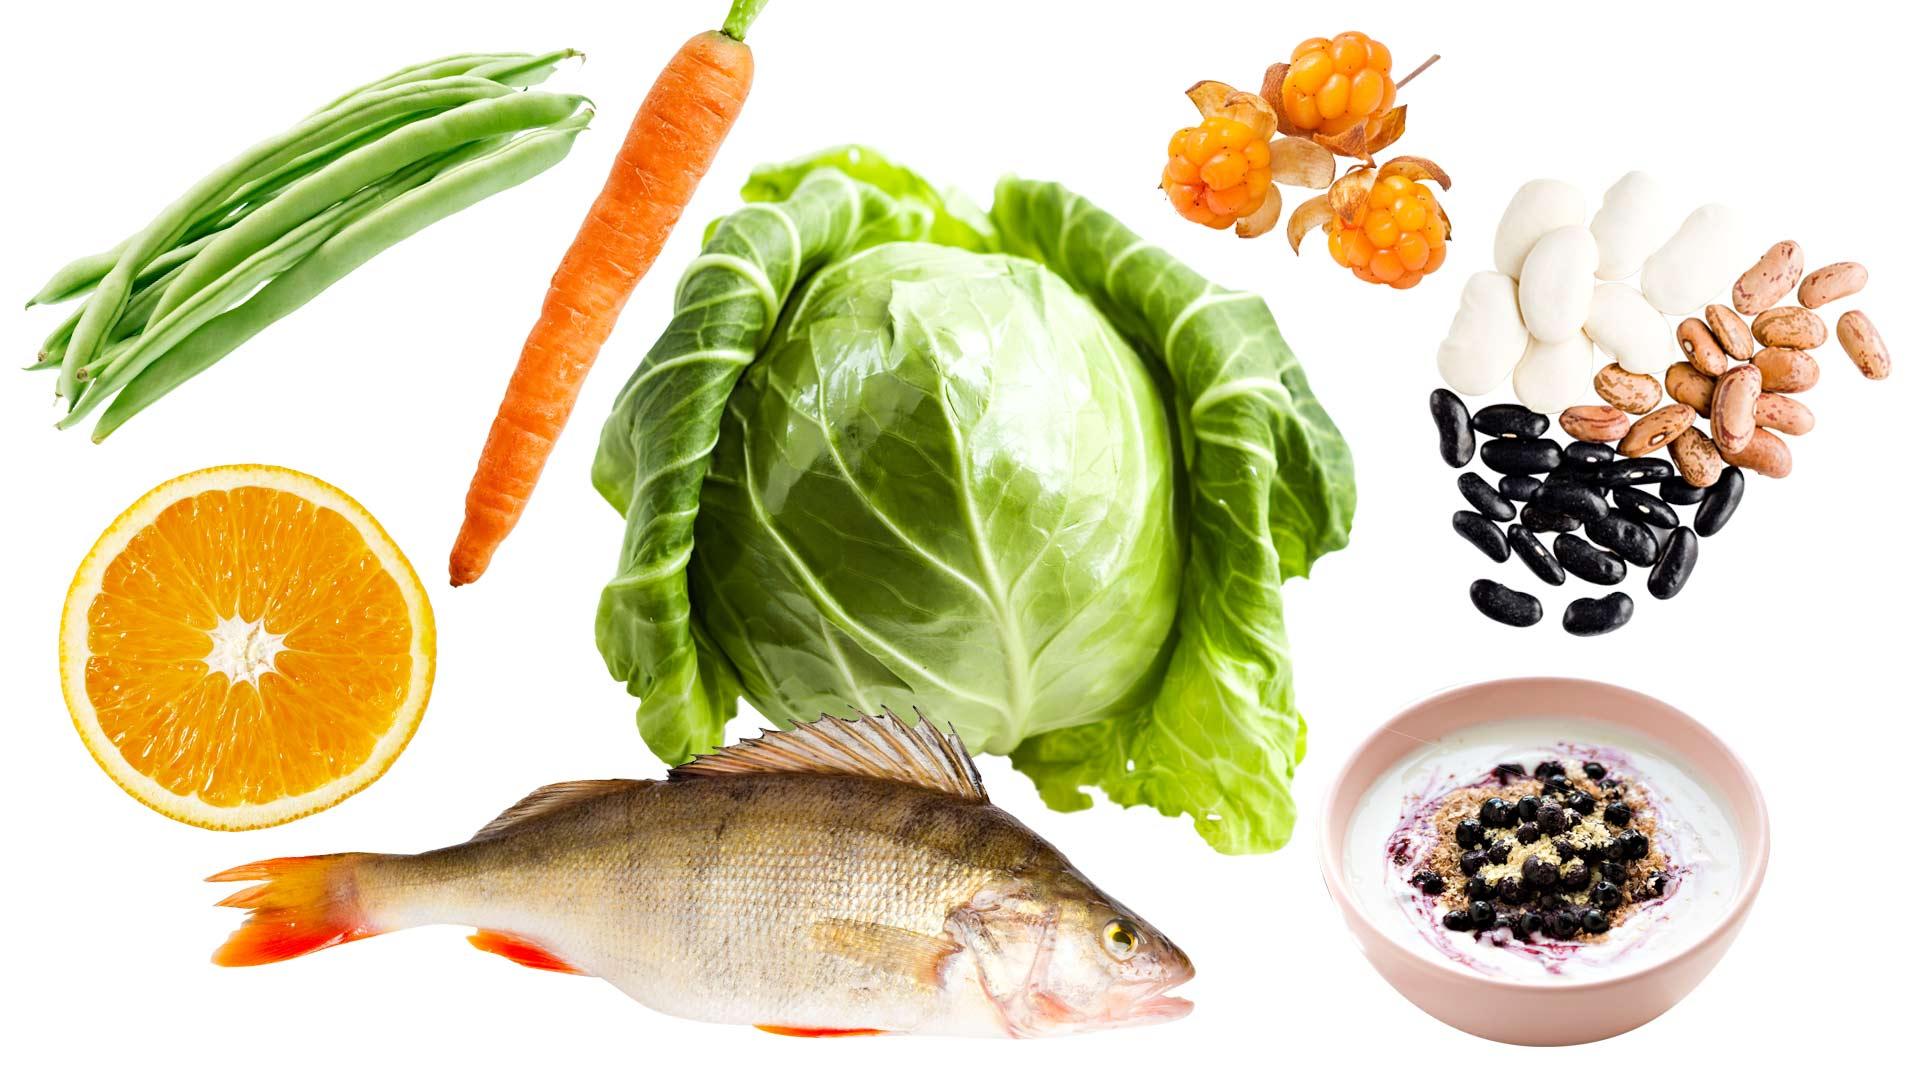 syö ympäristöystävällisesti